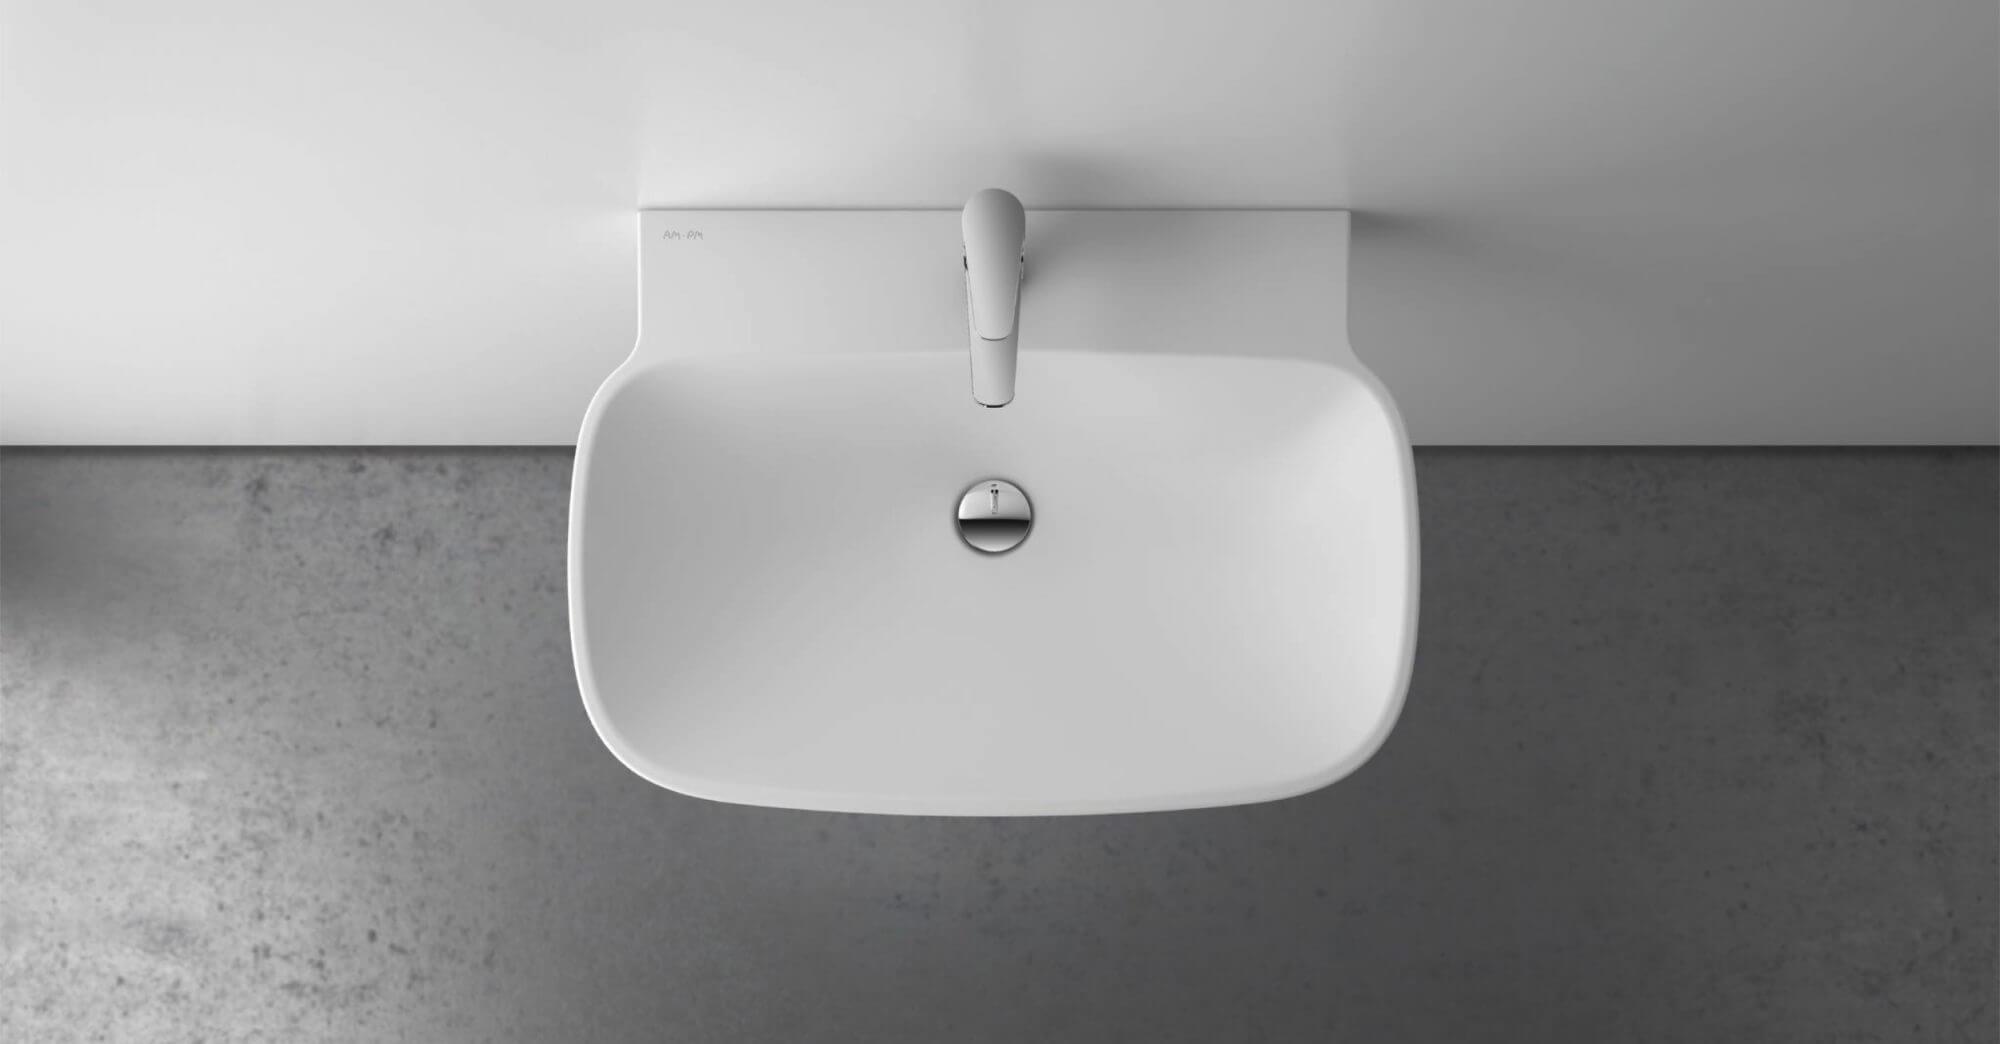 AmPm Serenity design strategy PR-support keramik waschbecken sanitär ceramic design washbasin innovation